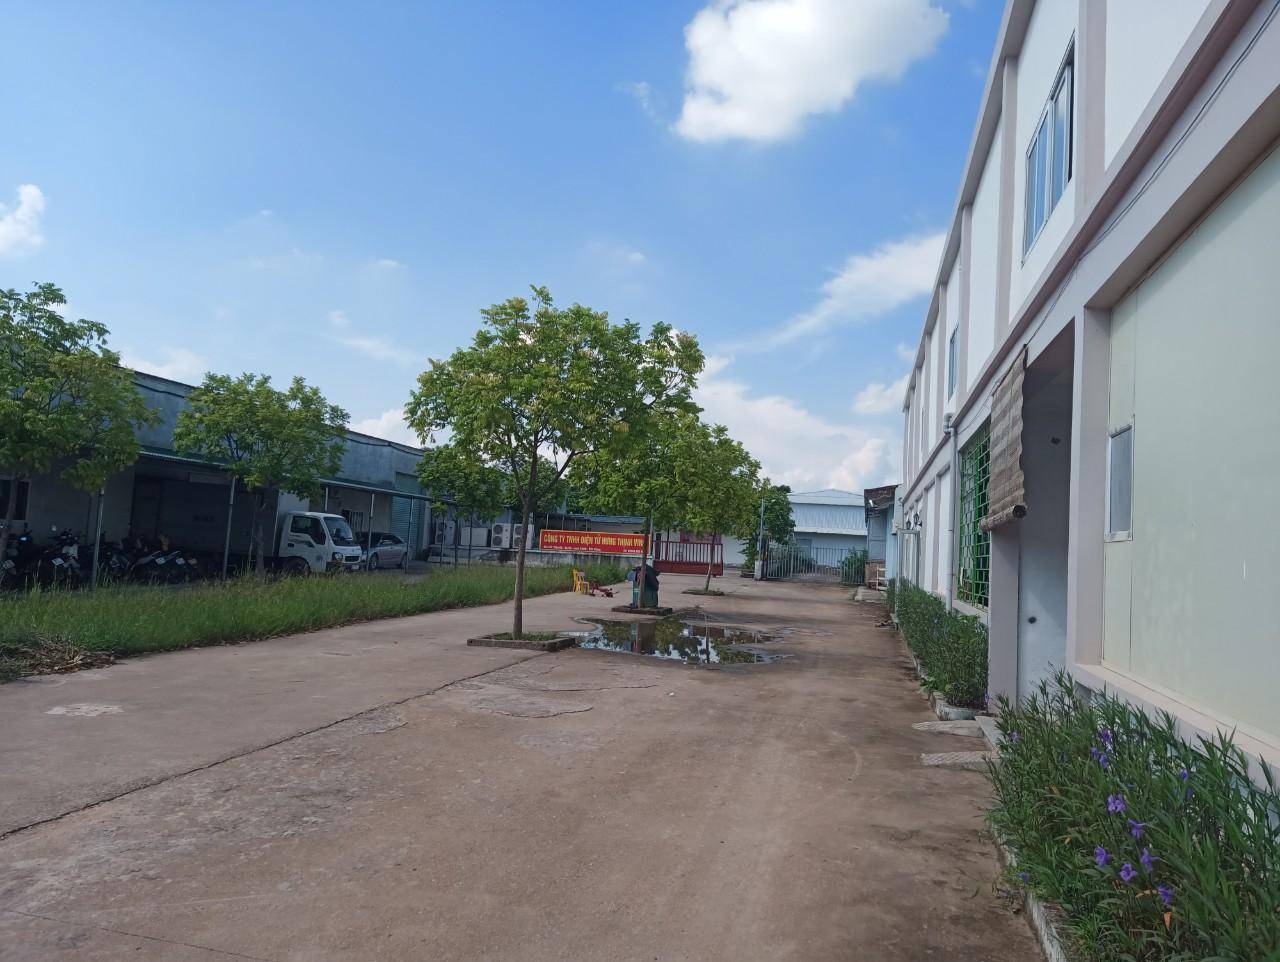 Cho thuê Kho - Nhà xưởng đường Tỉnh Lộ 292, Xã An Hà, Diện tích 5000m², Giá Thương lượng - LH: 0982125518